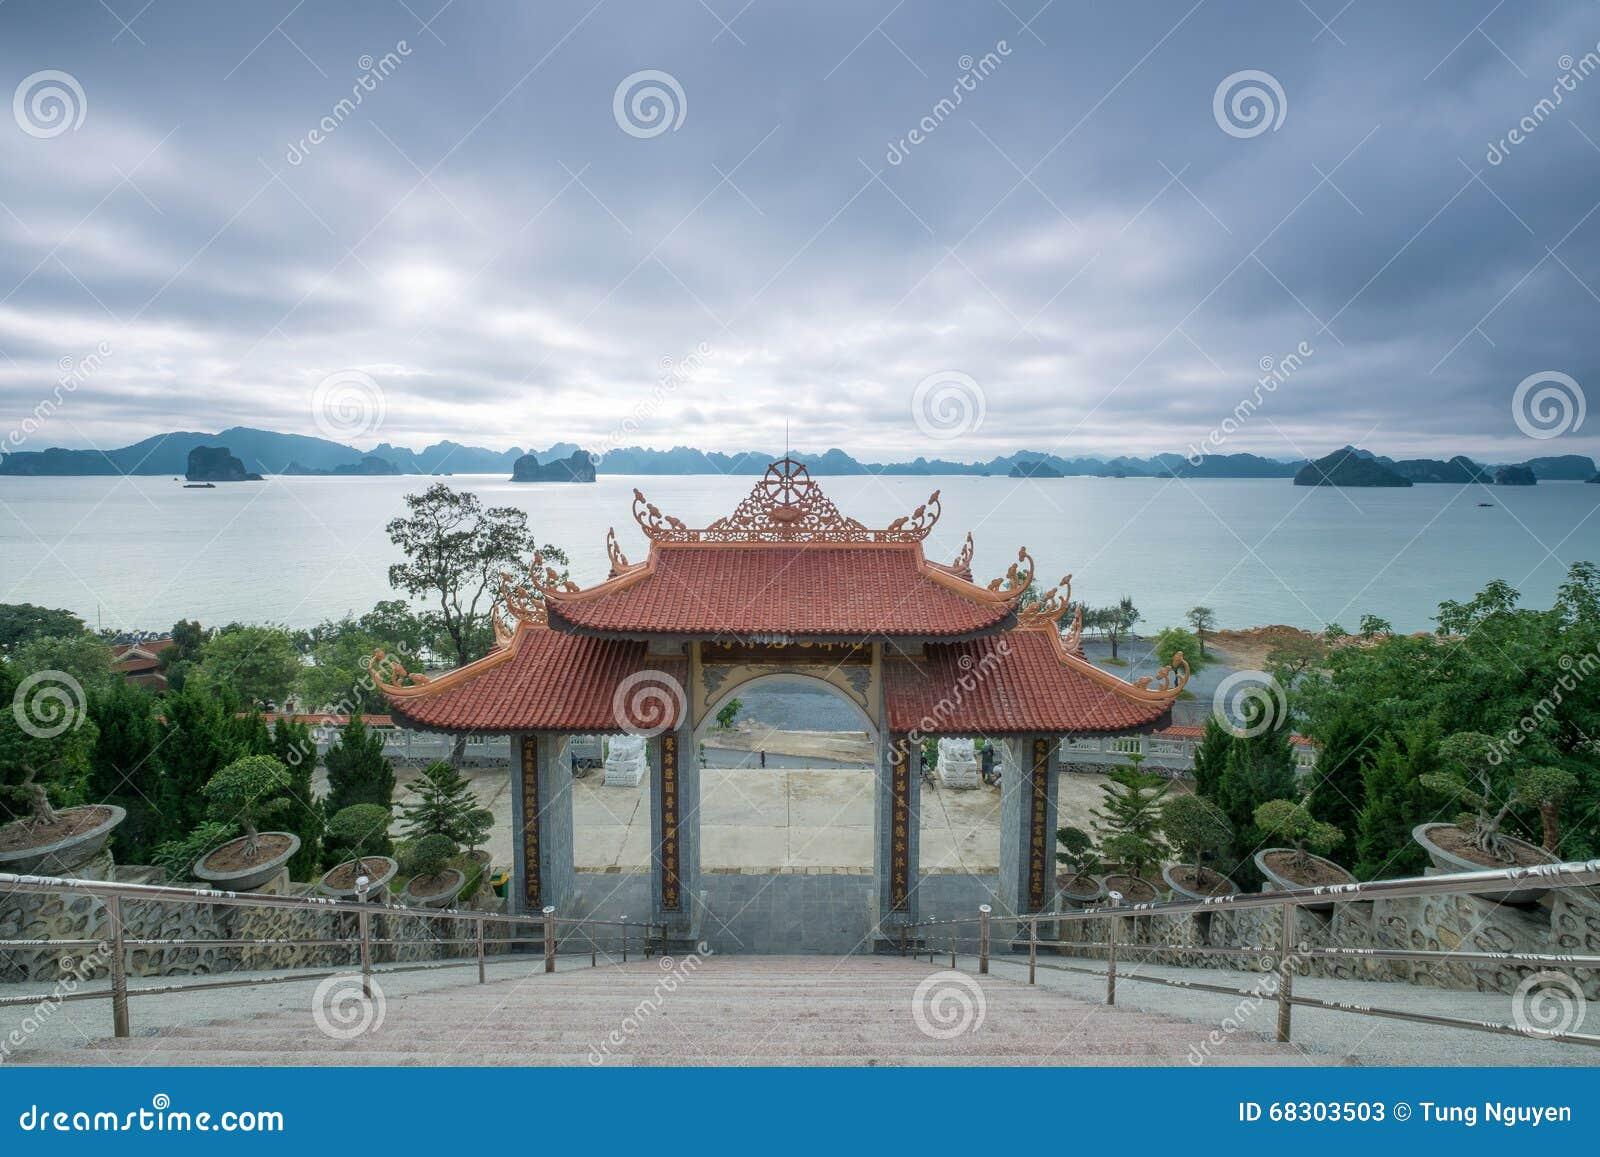 Bai Tu Long Bay view from Cai Bau Pagoda - Truc Lam Temple